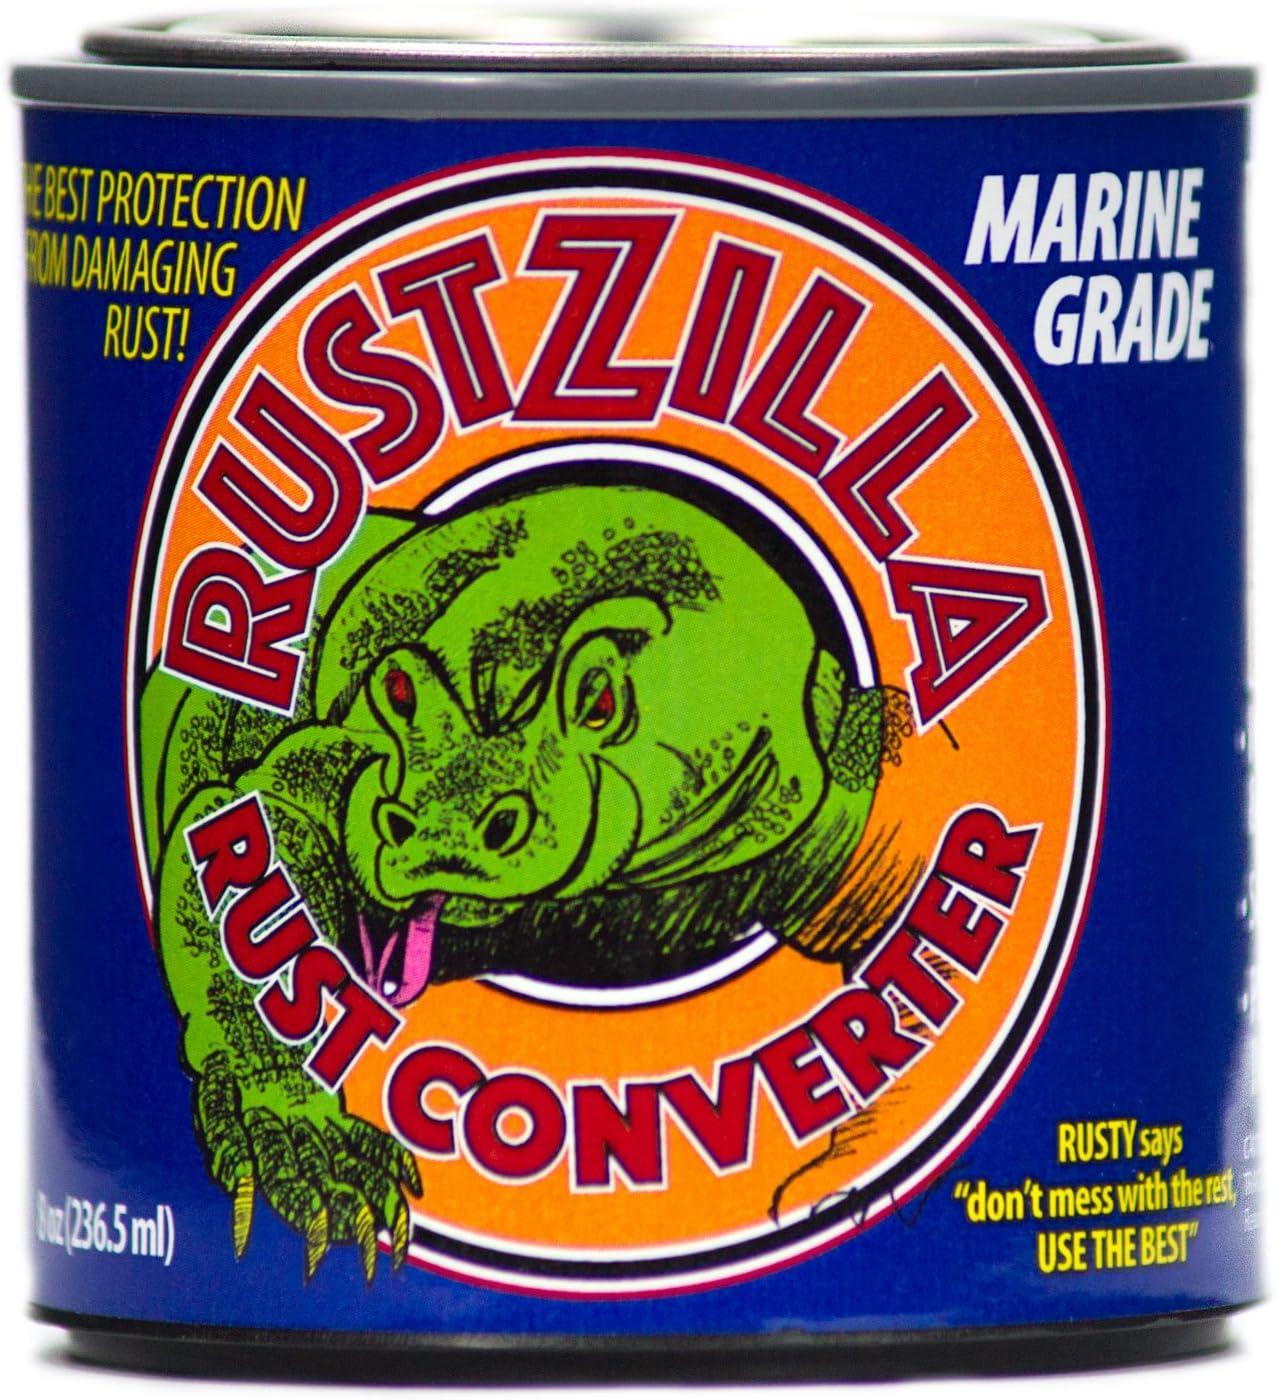 RUSTZILLA 856557004059 Marine Grade Remover Converter and Regular Fort Worth Mall dealer Rust